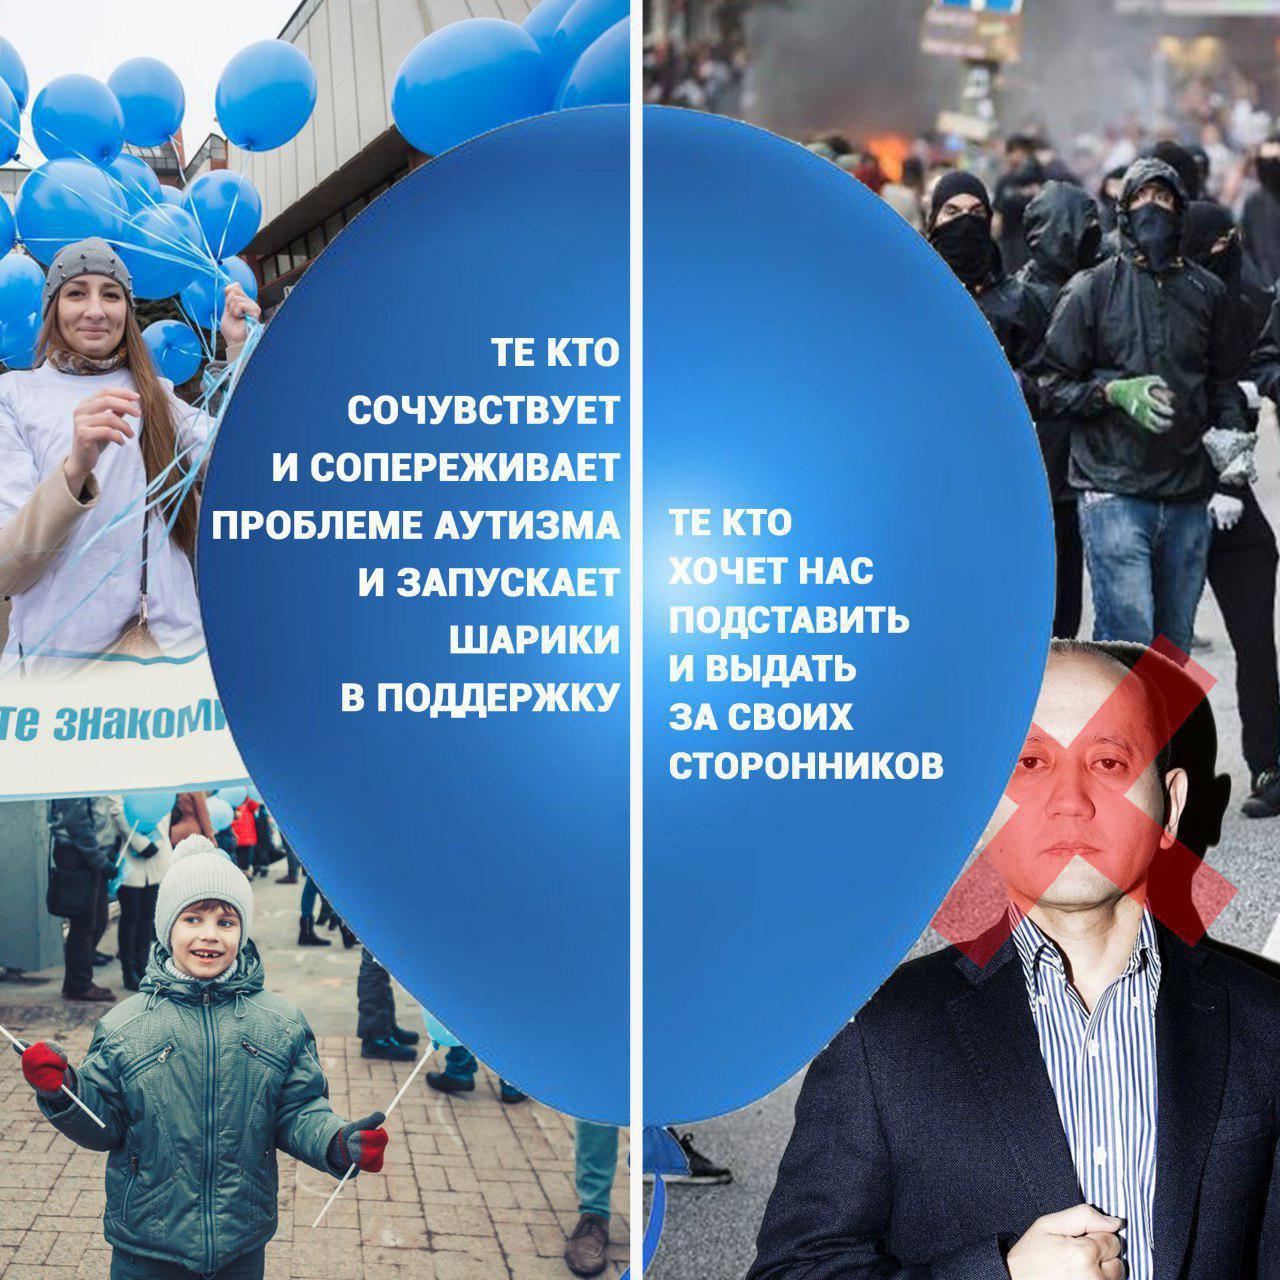 Мамы особых детей ПРОТИВ акции ДВК.